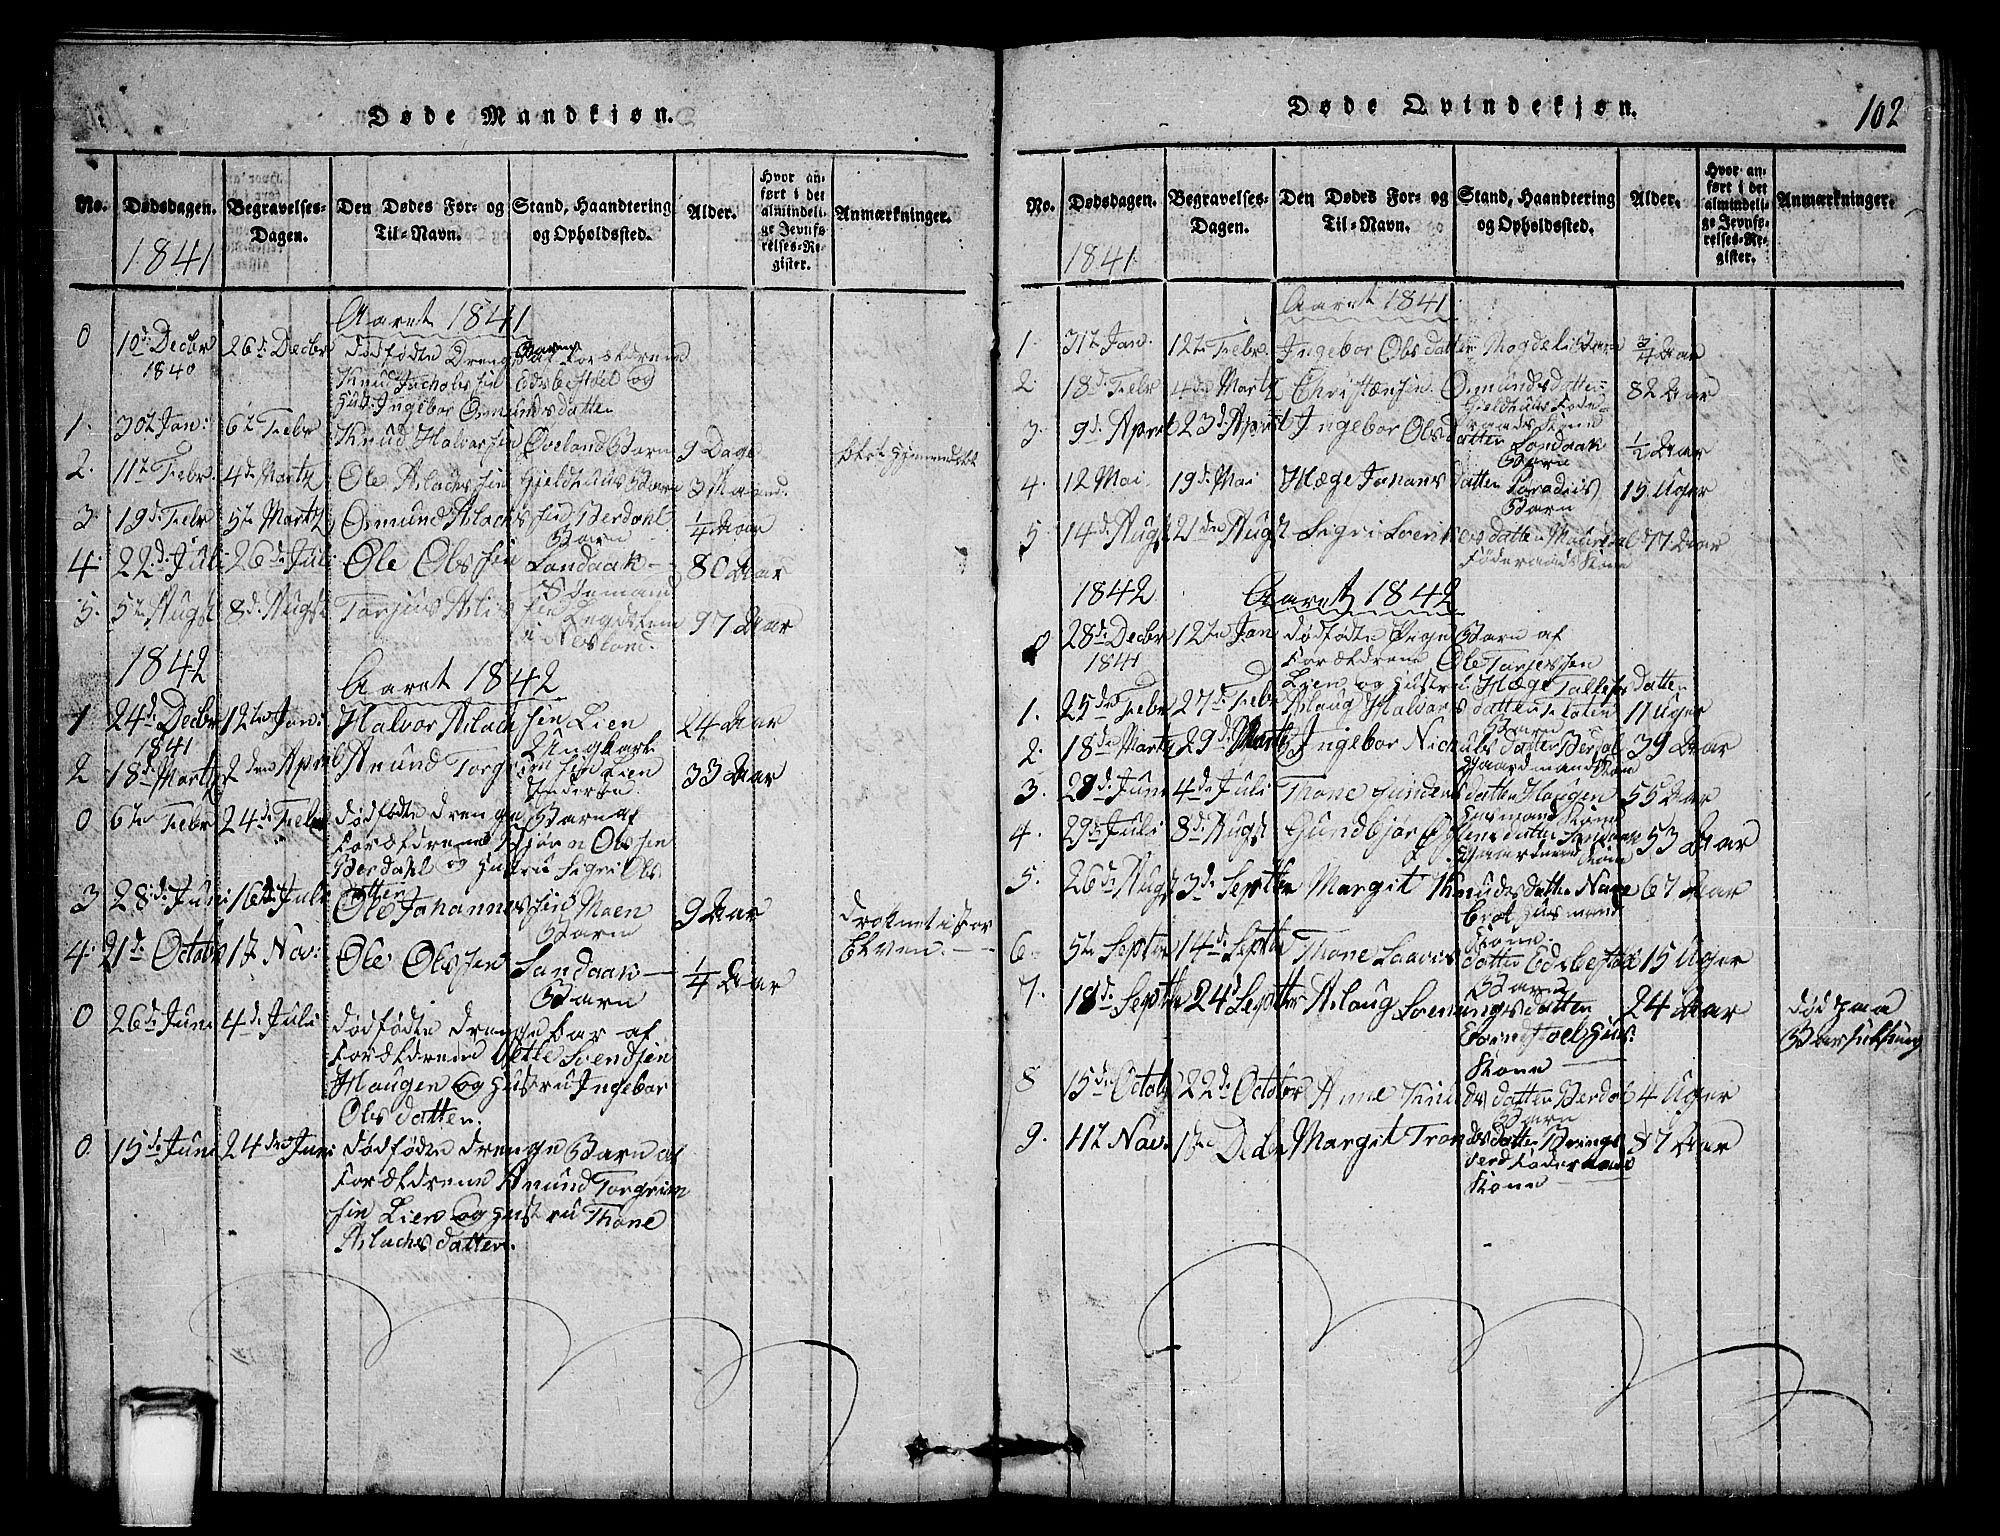 SAKO, Vinje kirkebøker, G/Gb/L0001: Klokkerbok nr. II 1, 1814-1843, s. 102